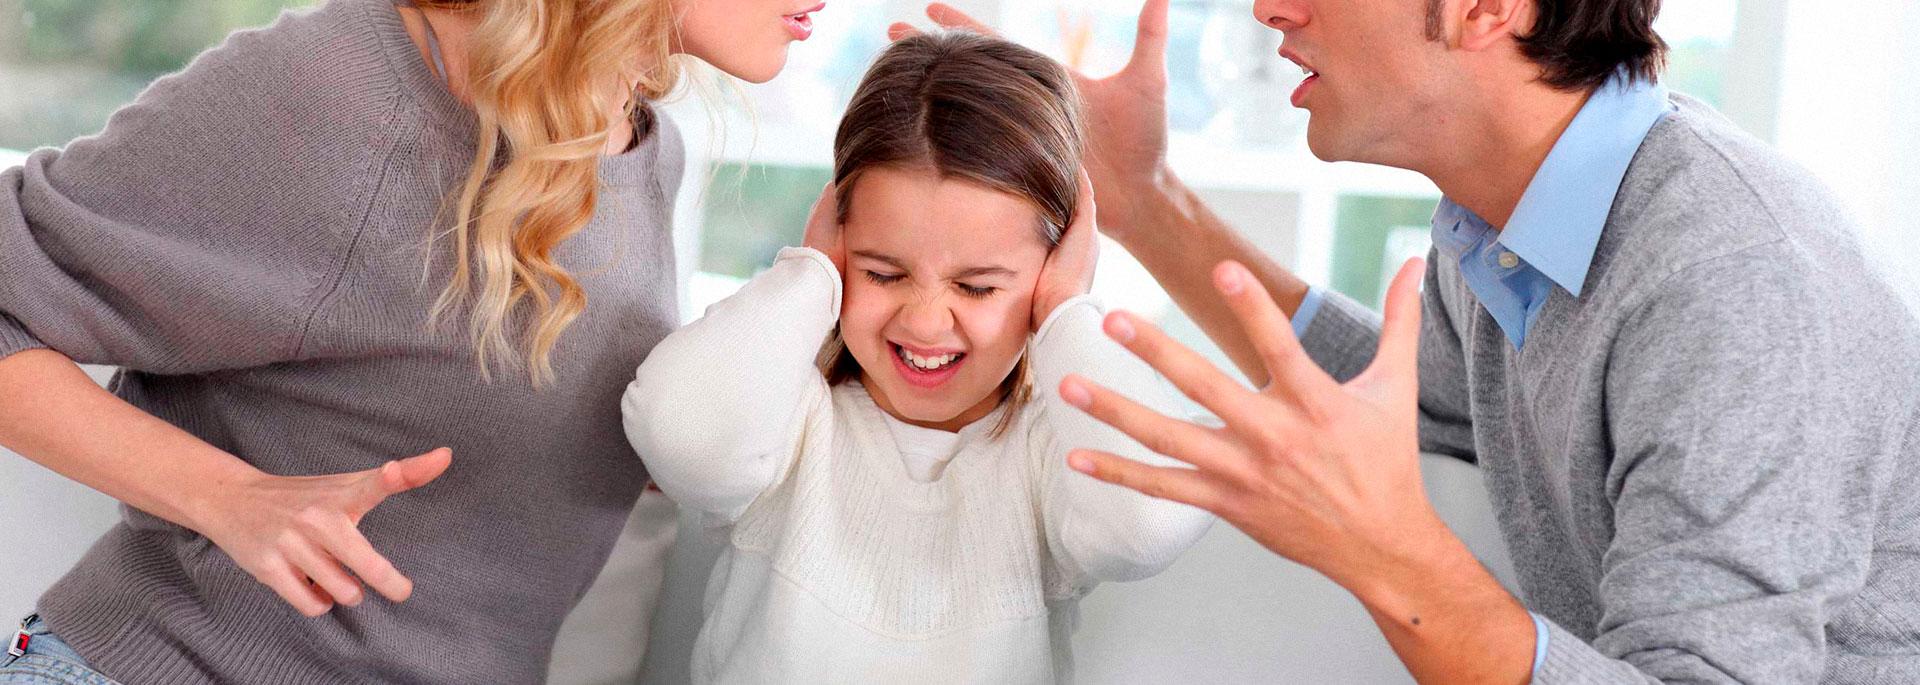 При ведении семейных дел мы всегда напоминаем родителям, что при решении вопросов касательно детей именно интересы ребенка должны быть в приоритете.